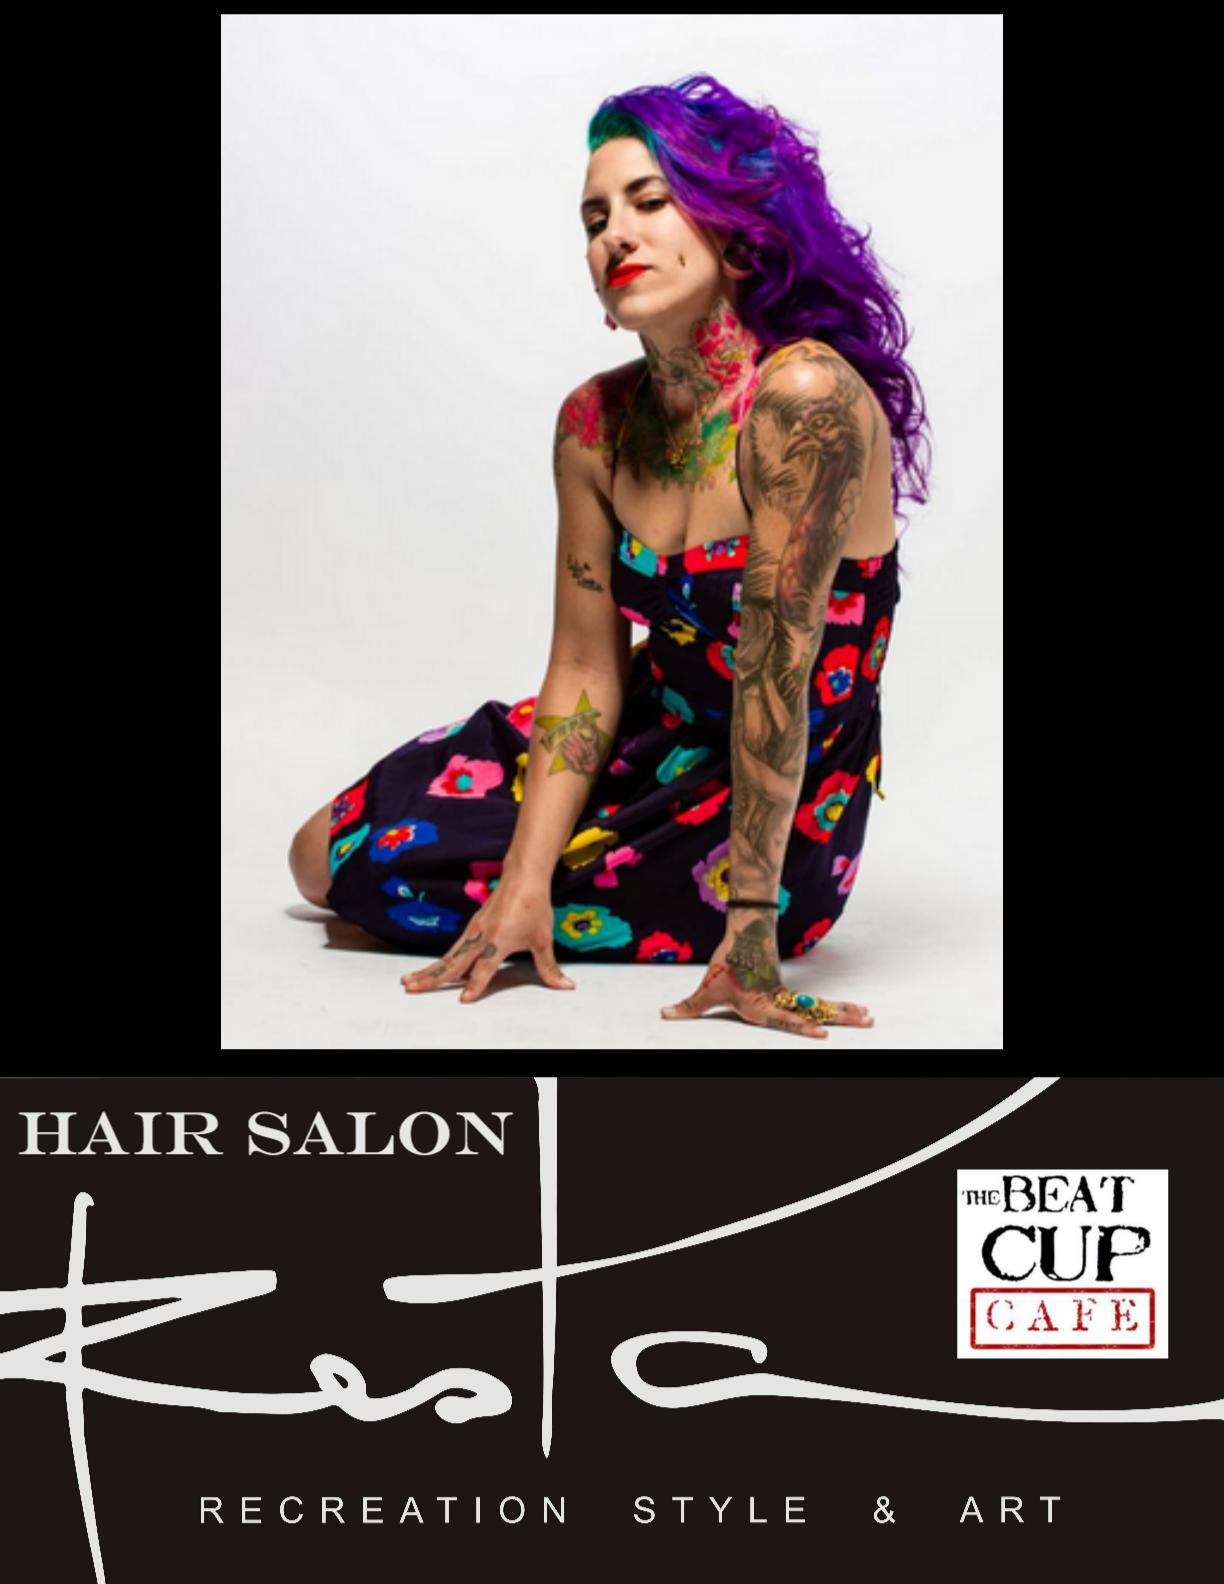 Hair Salon Resta The Beat Cup Cafe Delray Beach Boca Raton Boynton Beach Area Hair Salon Delray Beach Boynton Beach